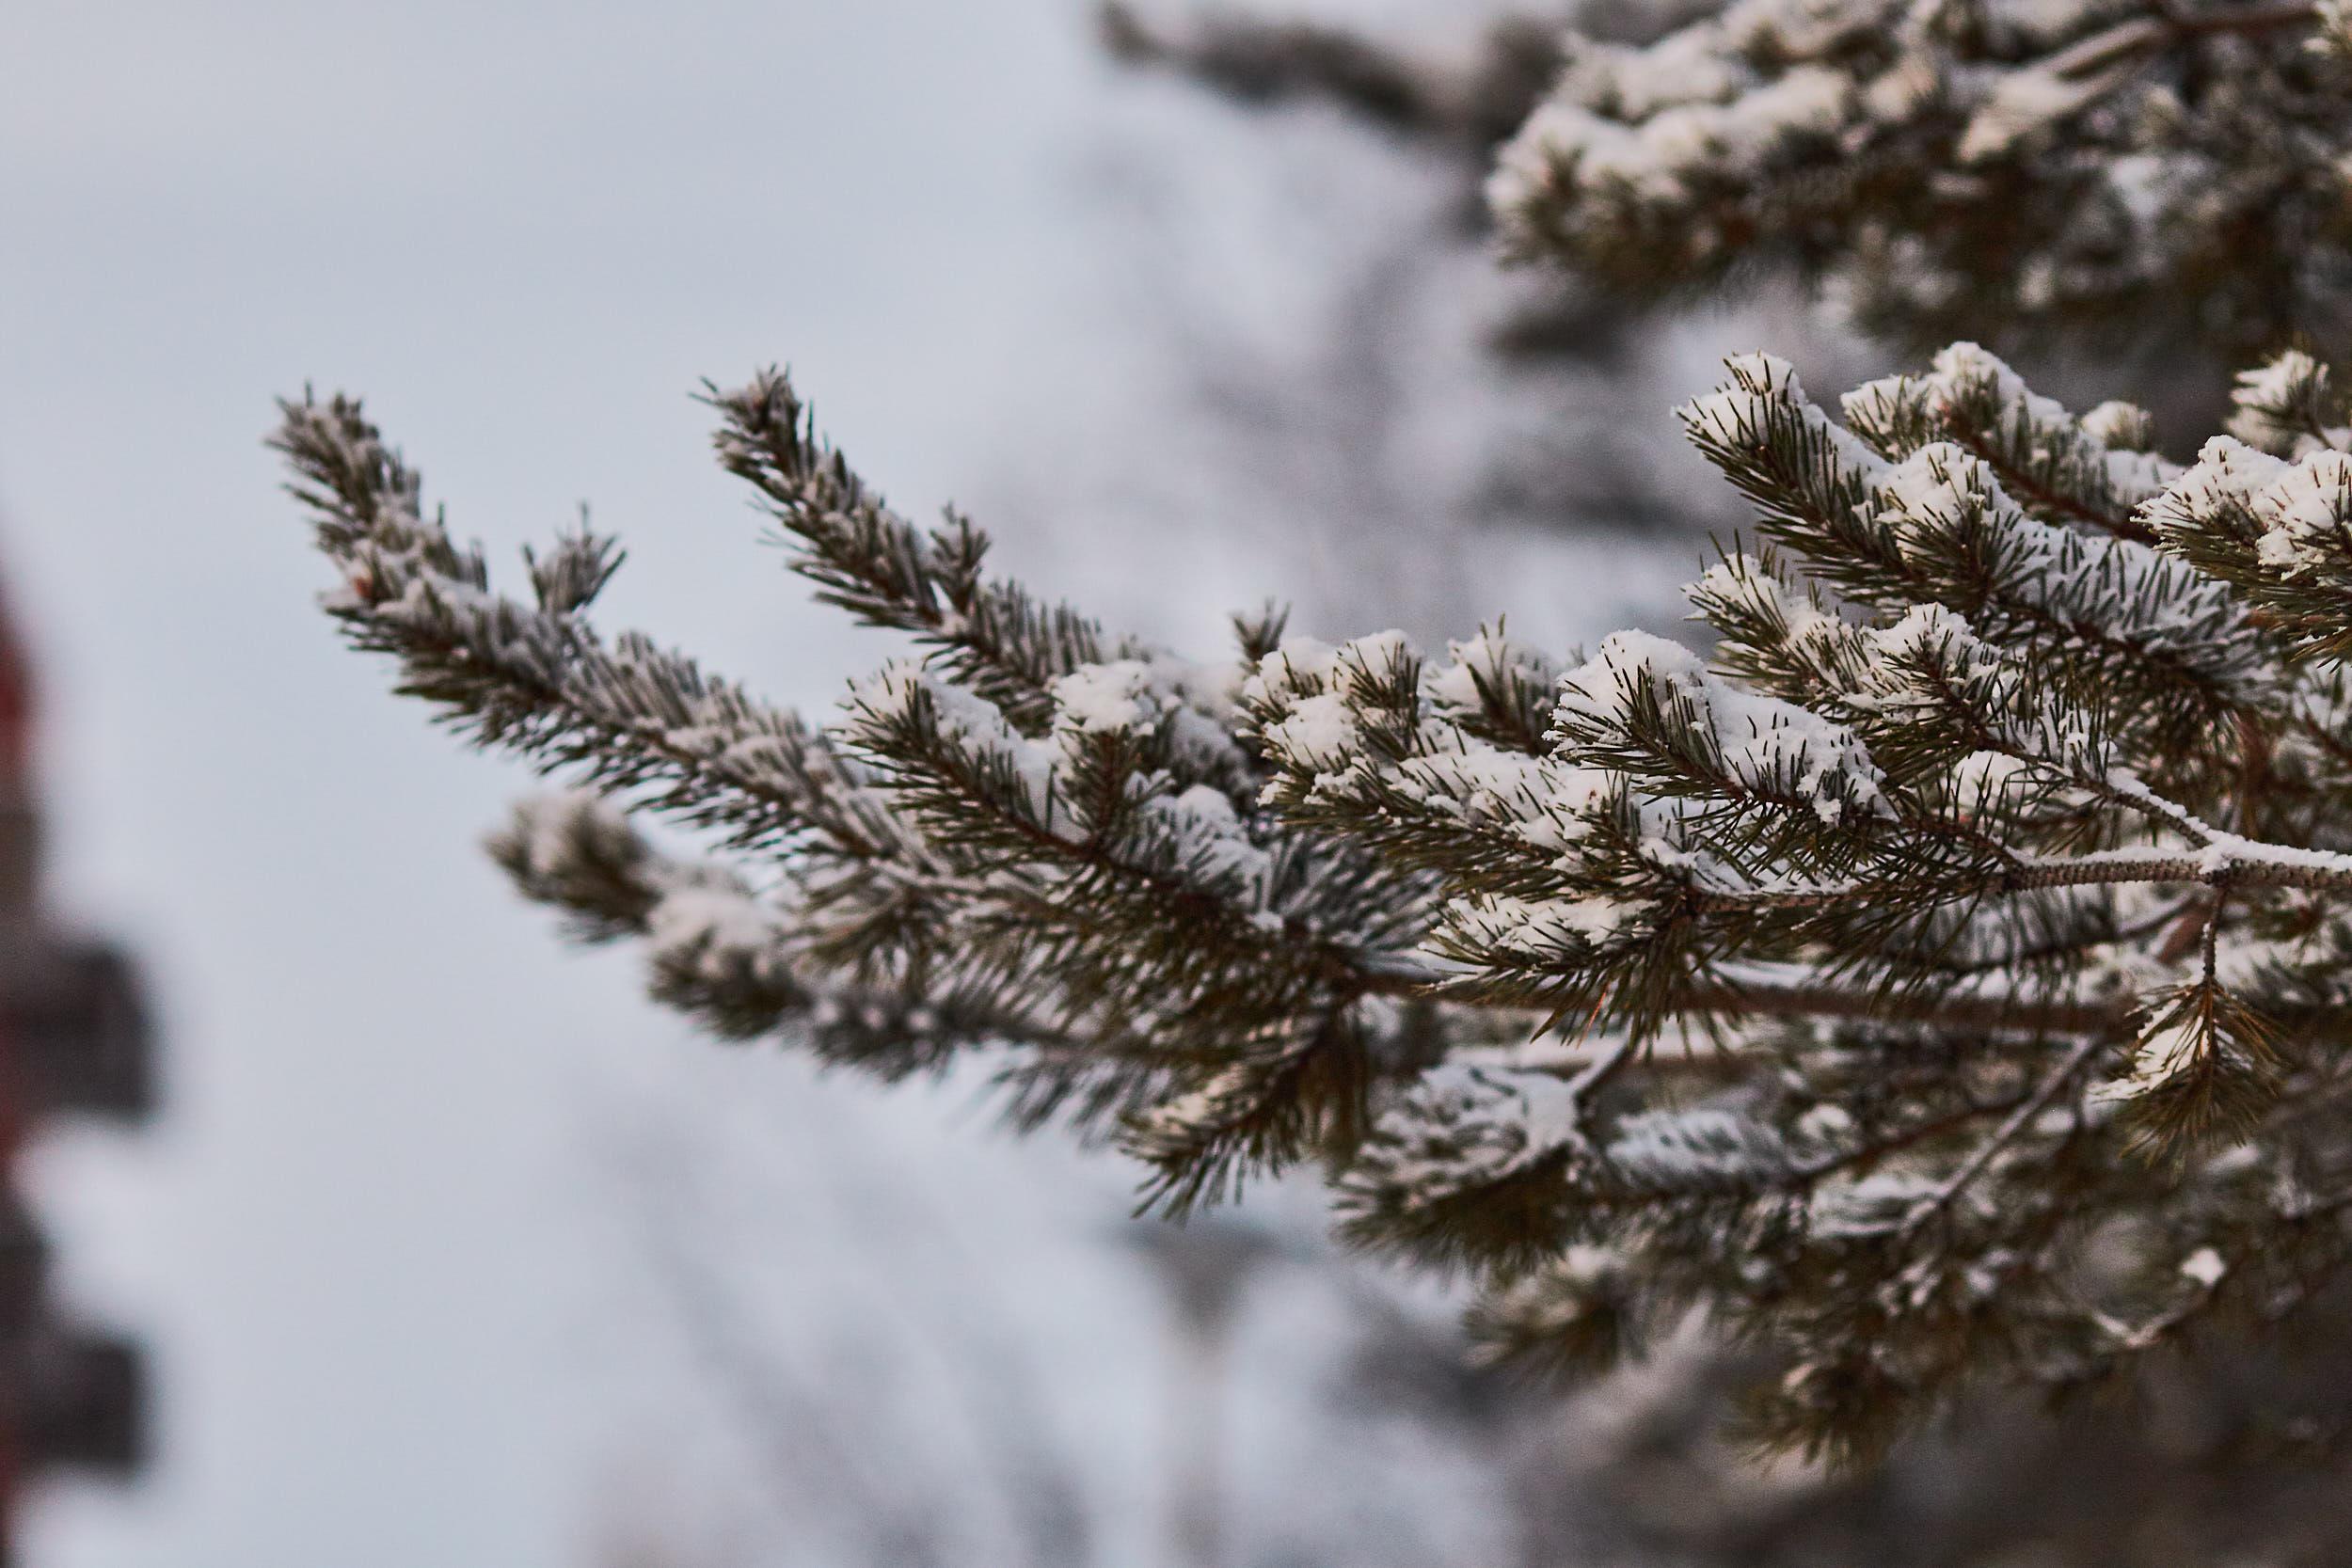 135 mm - 2019-01-18 15.17.47 - Oulu Week 3 Mix.jpg